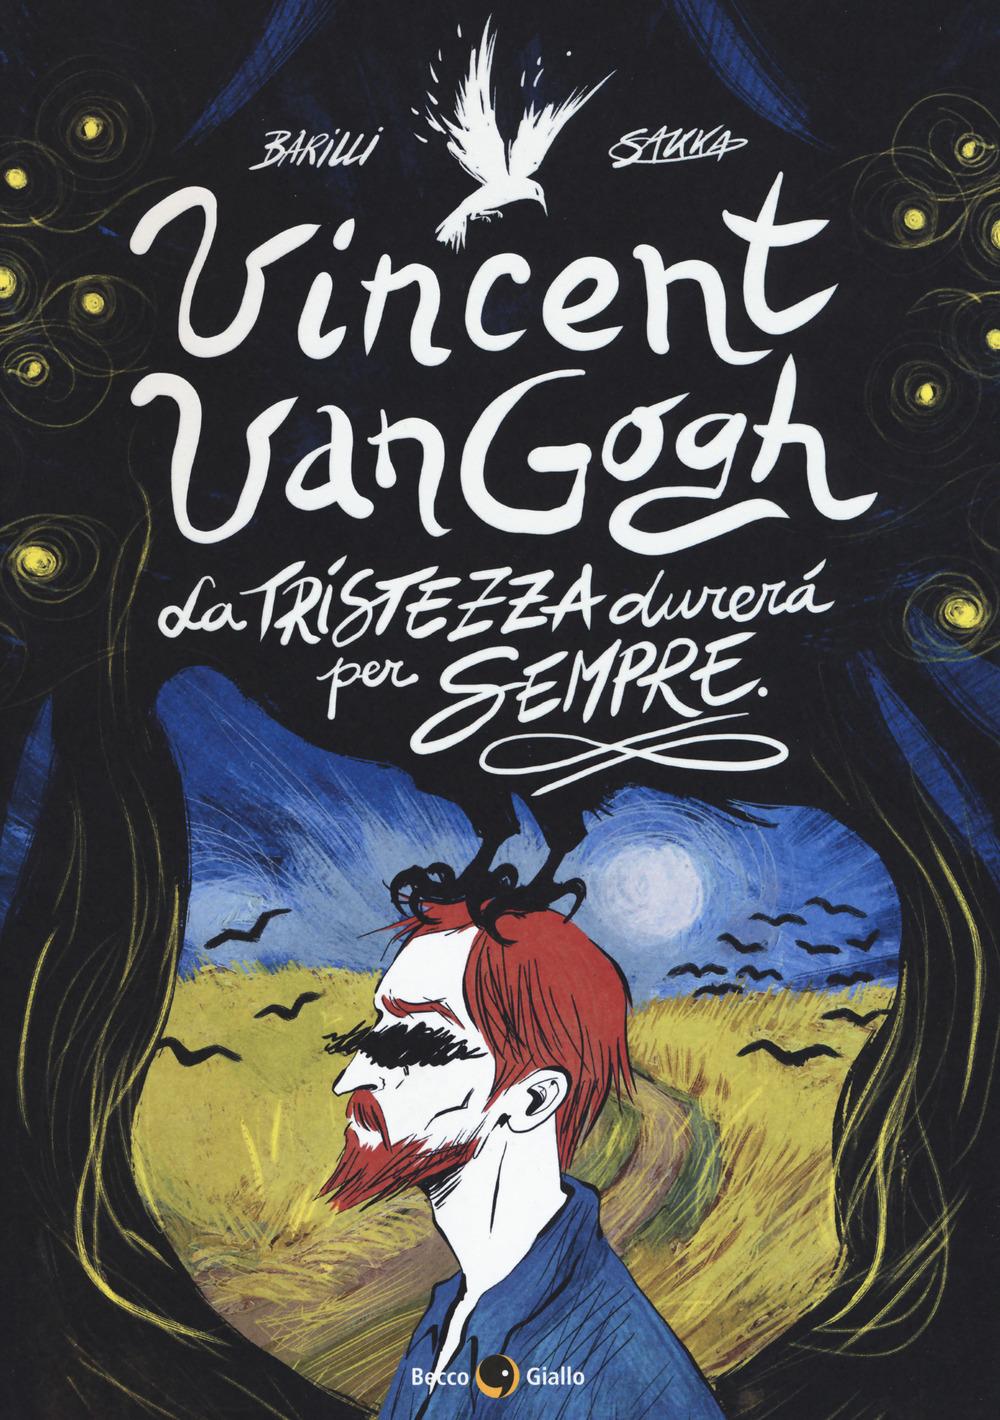 Vincent Van Gogh, La tristezza durerà per sempre